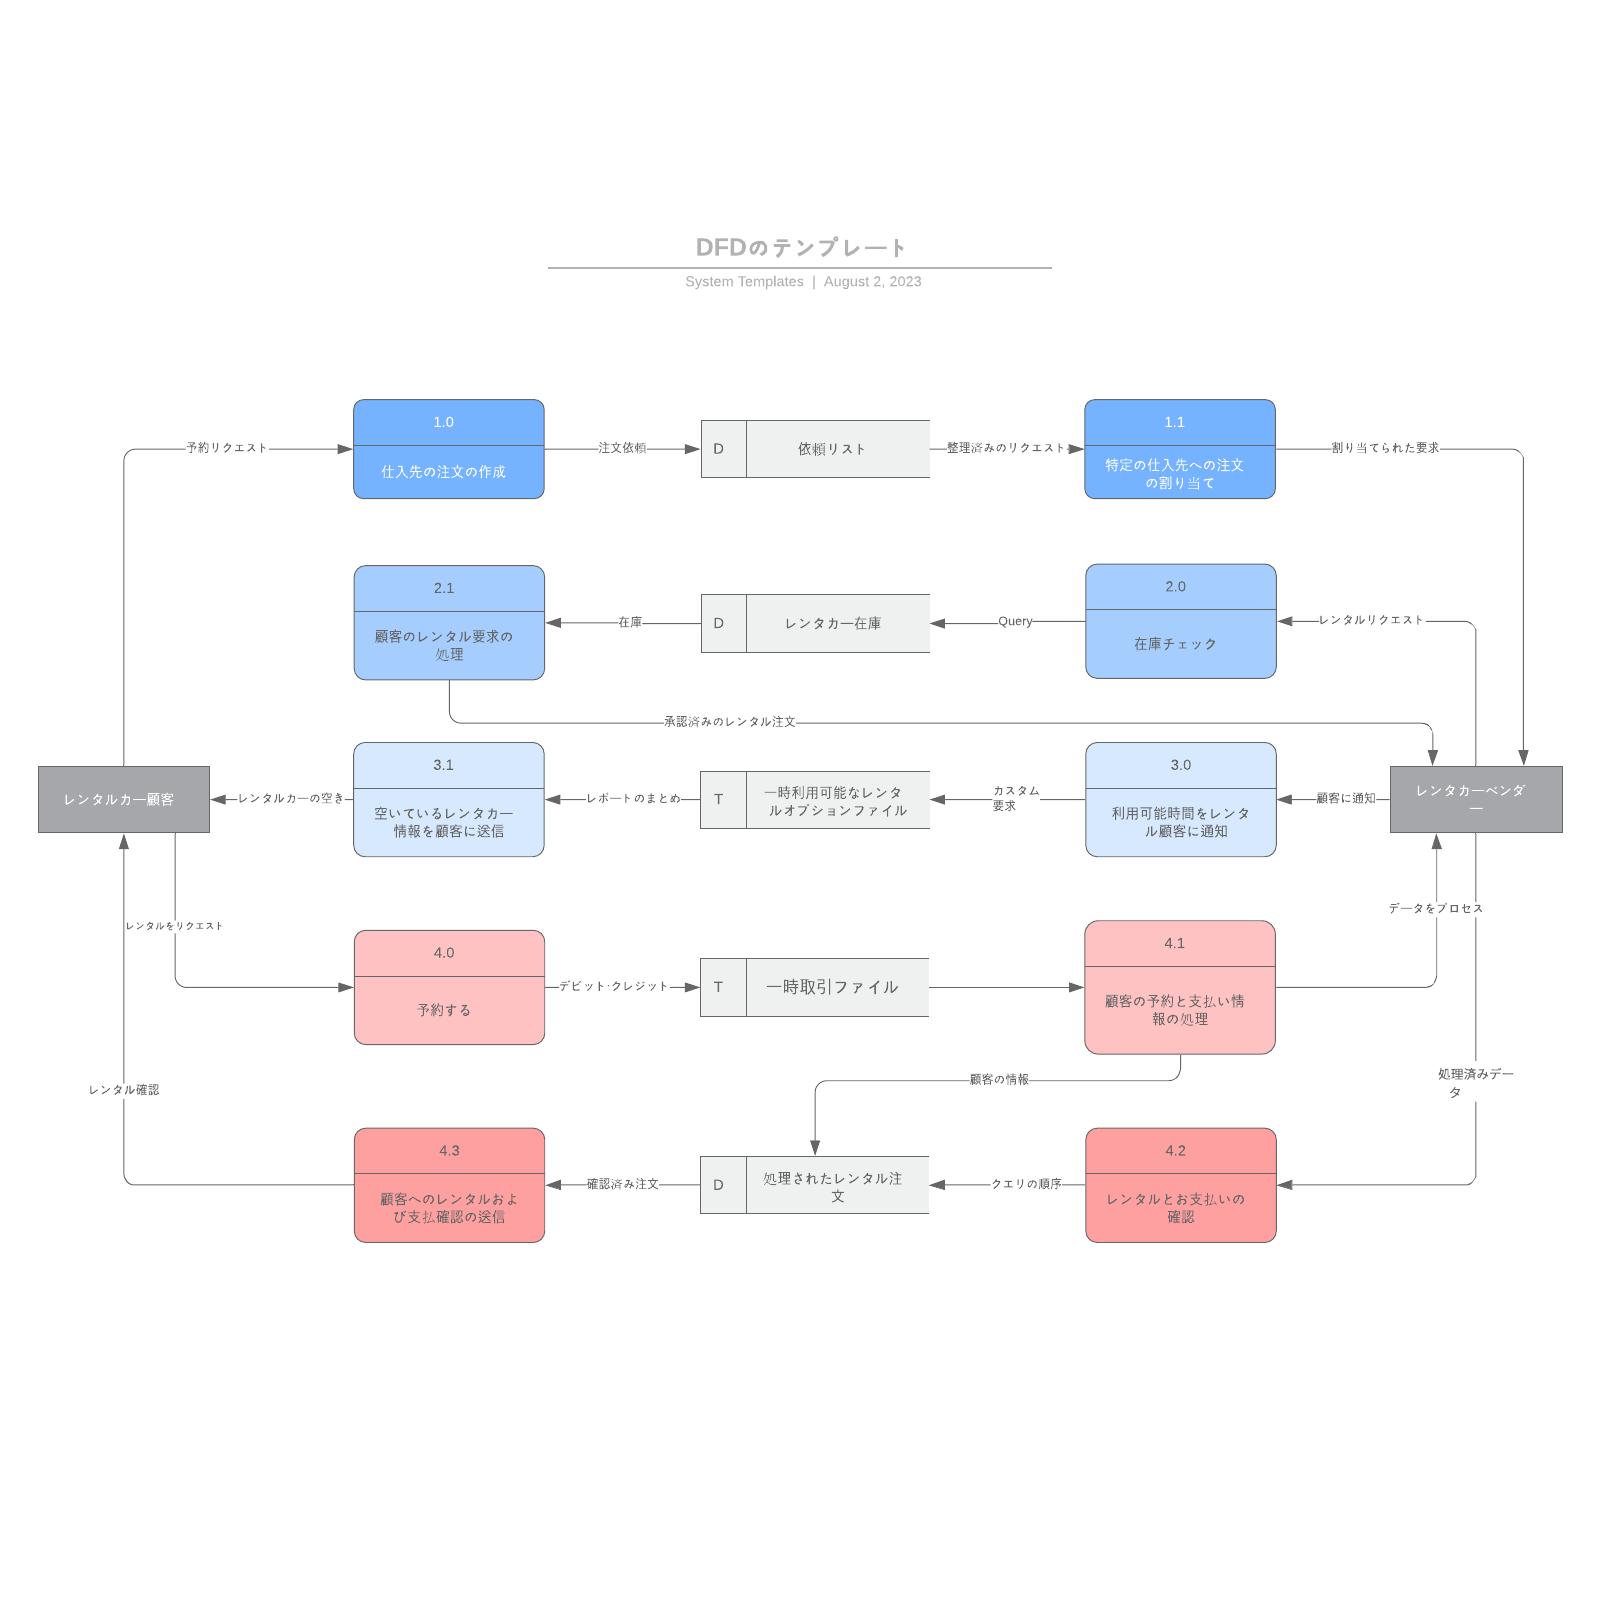 DFD作成で活用できるデータフローテンプレート